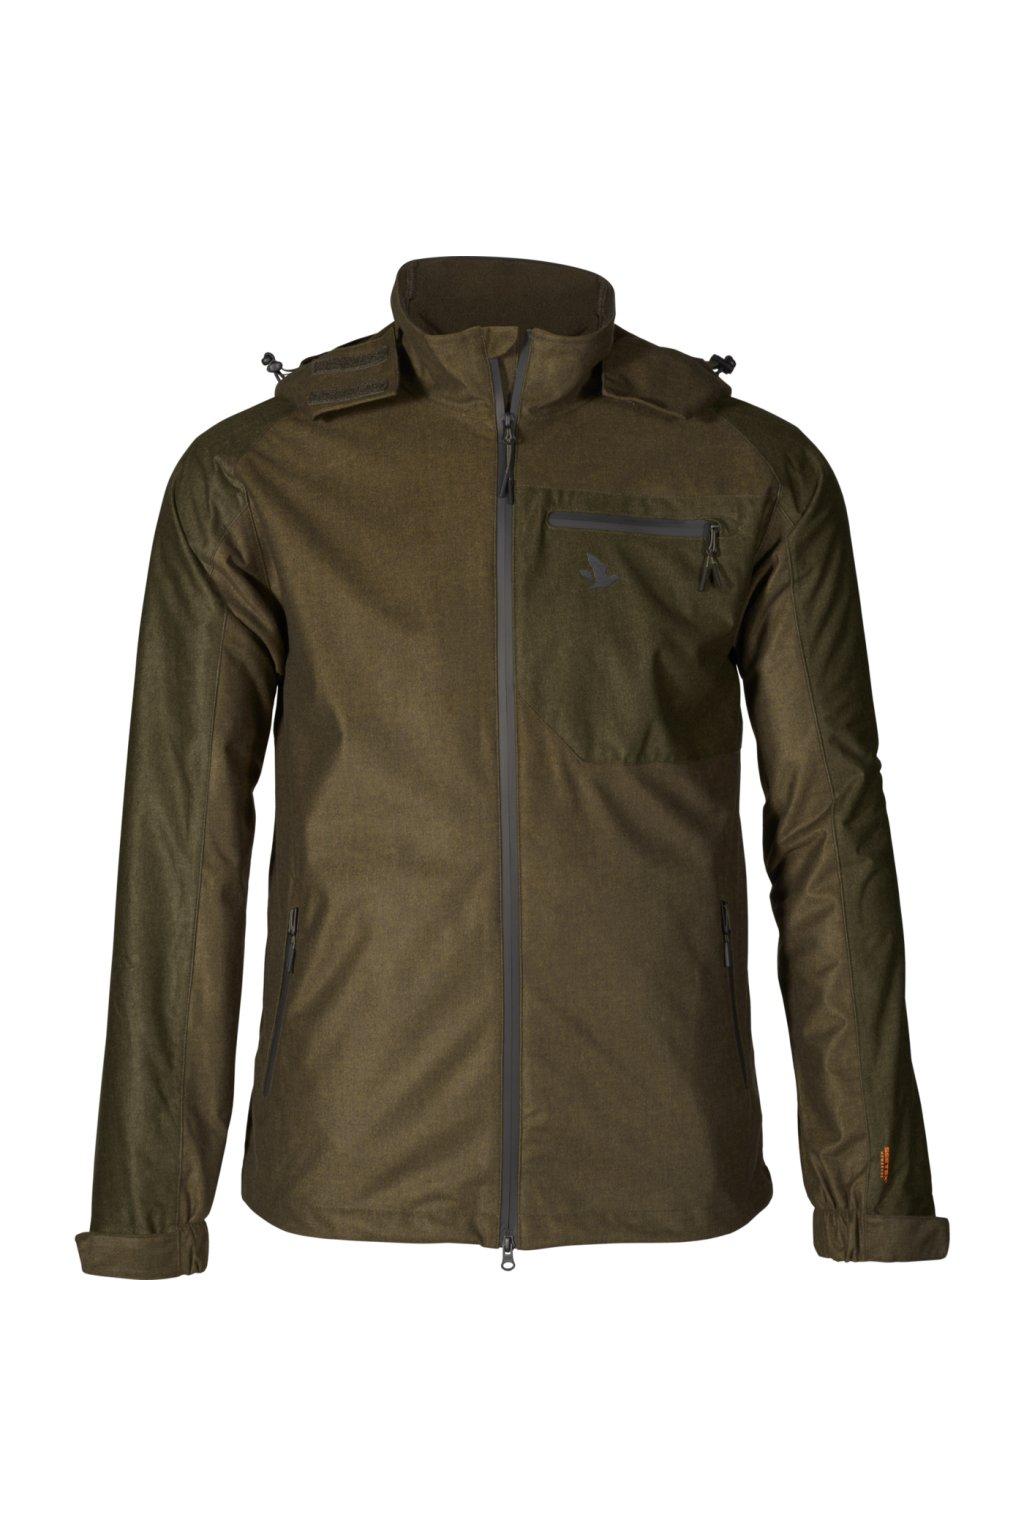 Seeland -  Avail bunda pánská Pine green melange